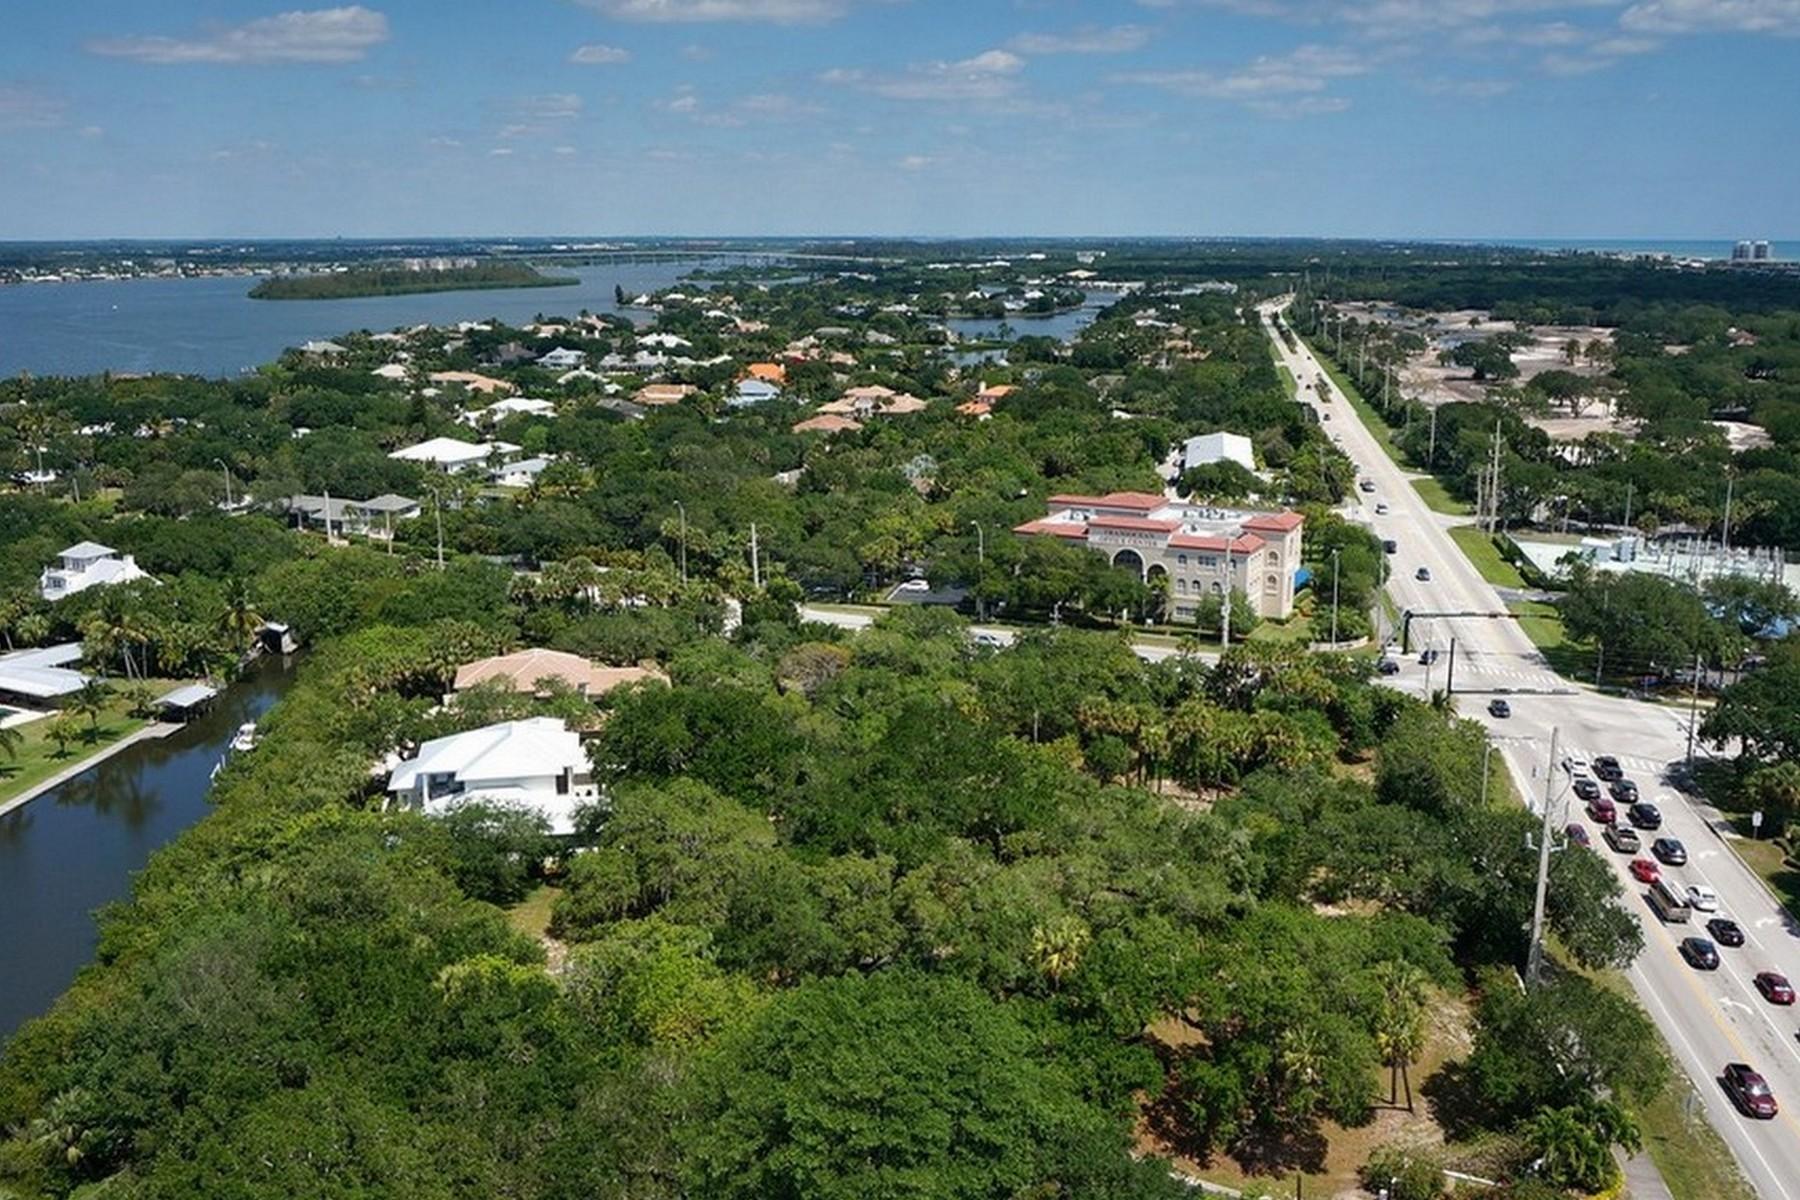 토지 용 매매 에 Riomar Cove Homesite 1645 Riomar Cove Lane Vero Beach, 플로리다 32963 미국